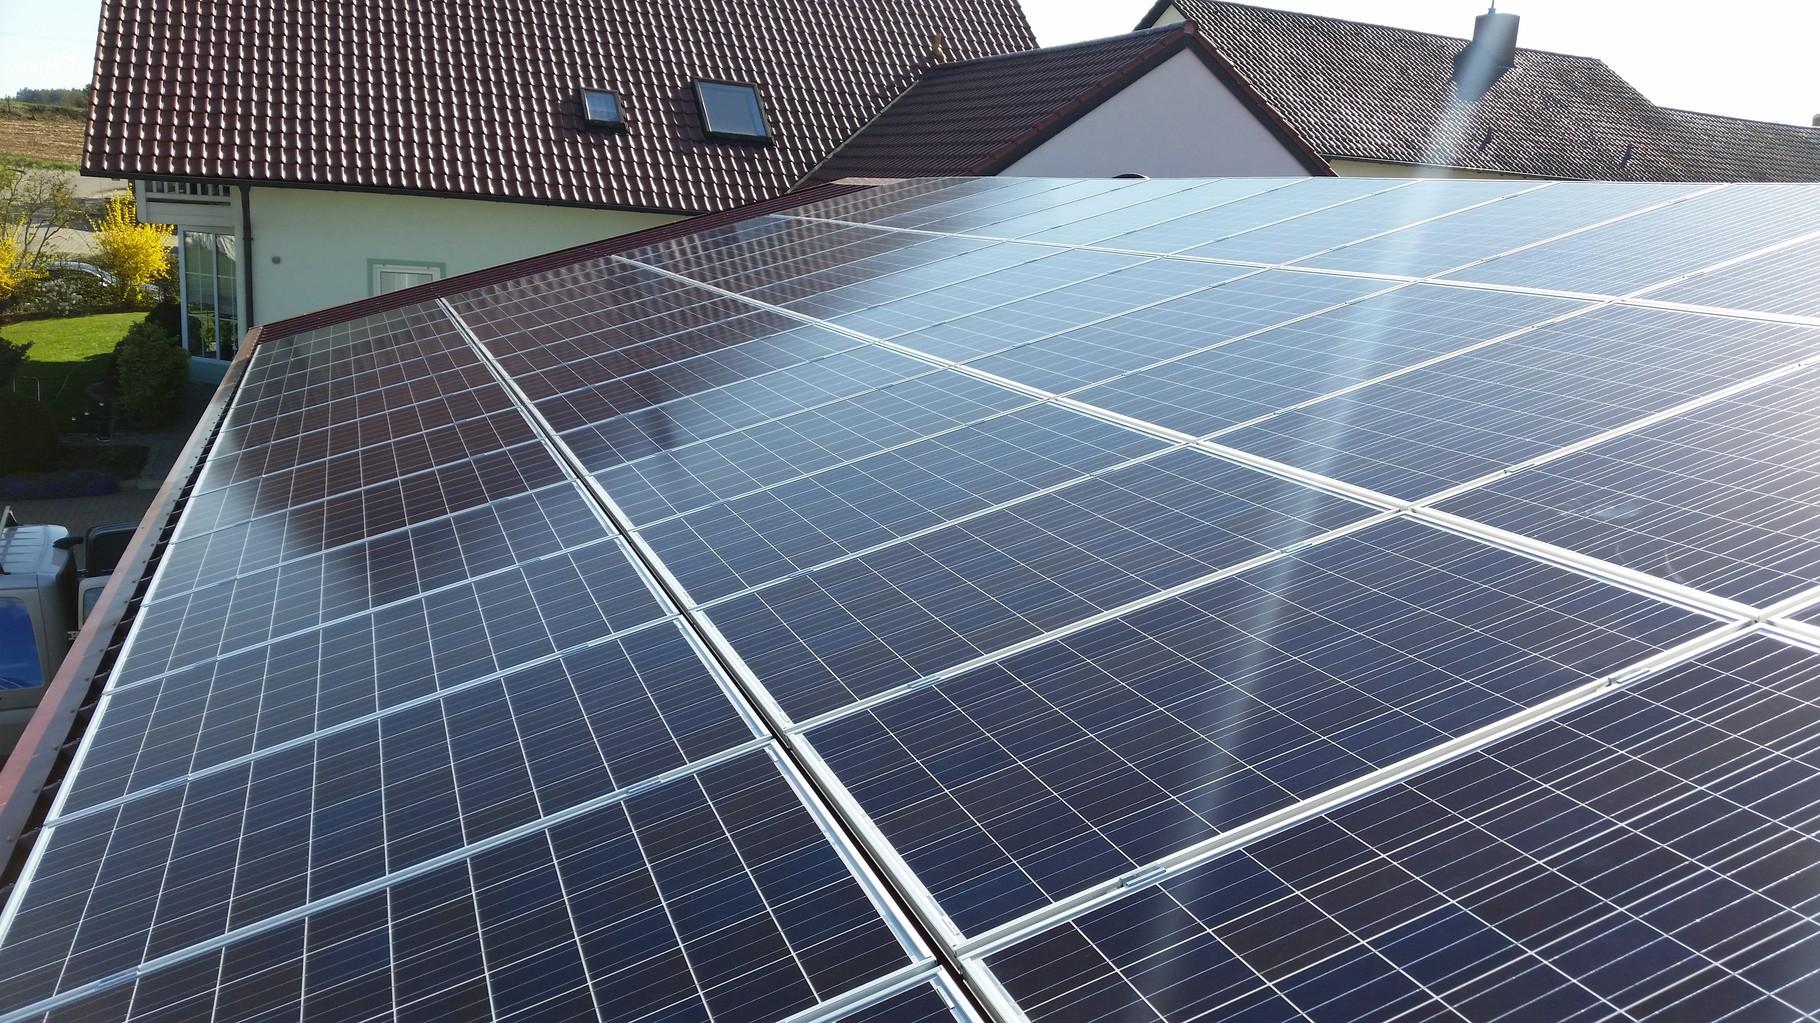 20,25 kWp Photovoltaikanlage 84056 Rottenburg SHARP Modulen mit Senec G2 Plus Speicher